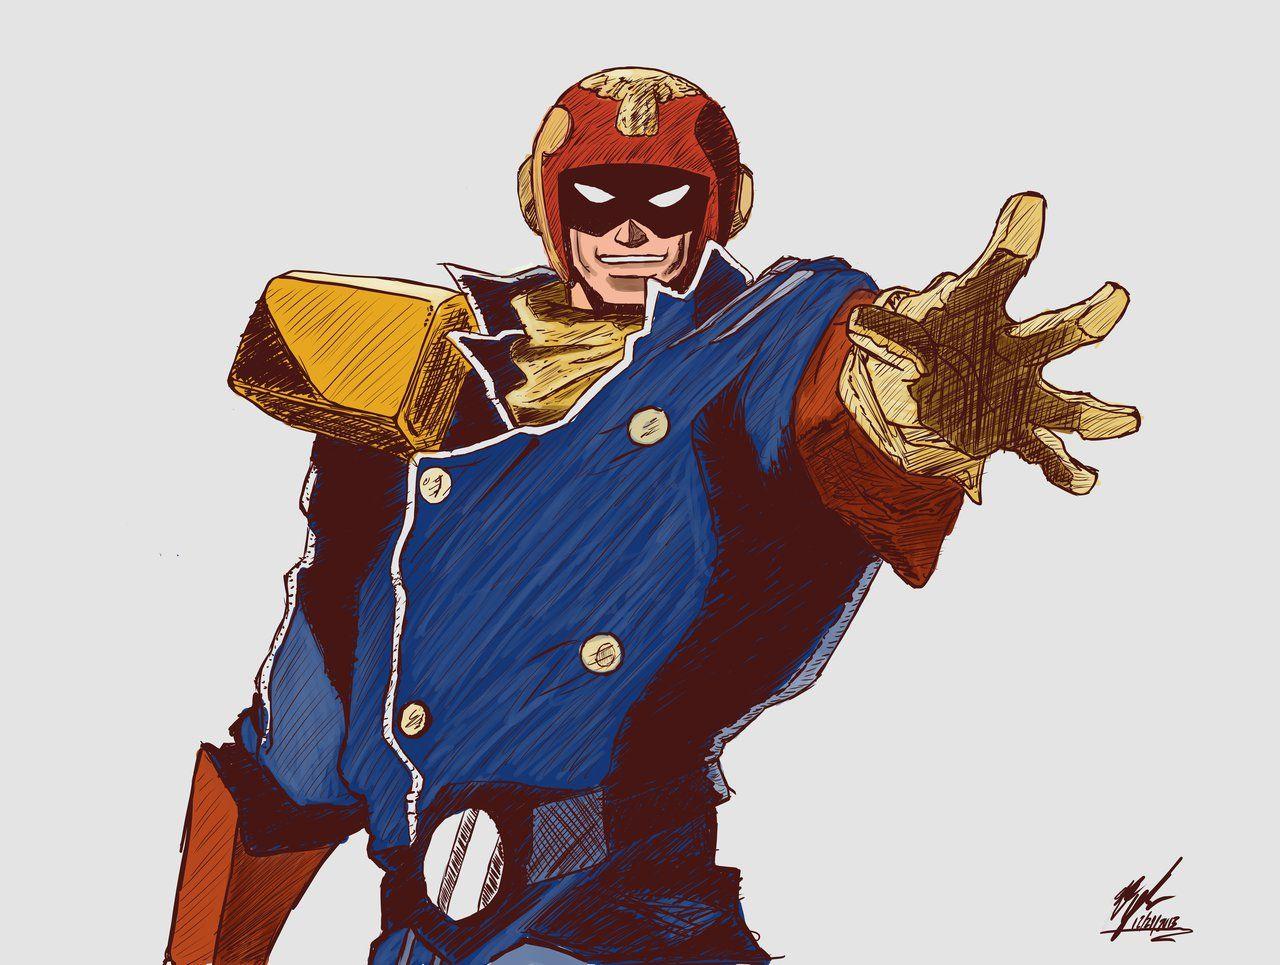 captain falcon frame data